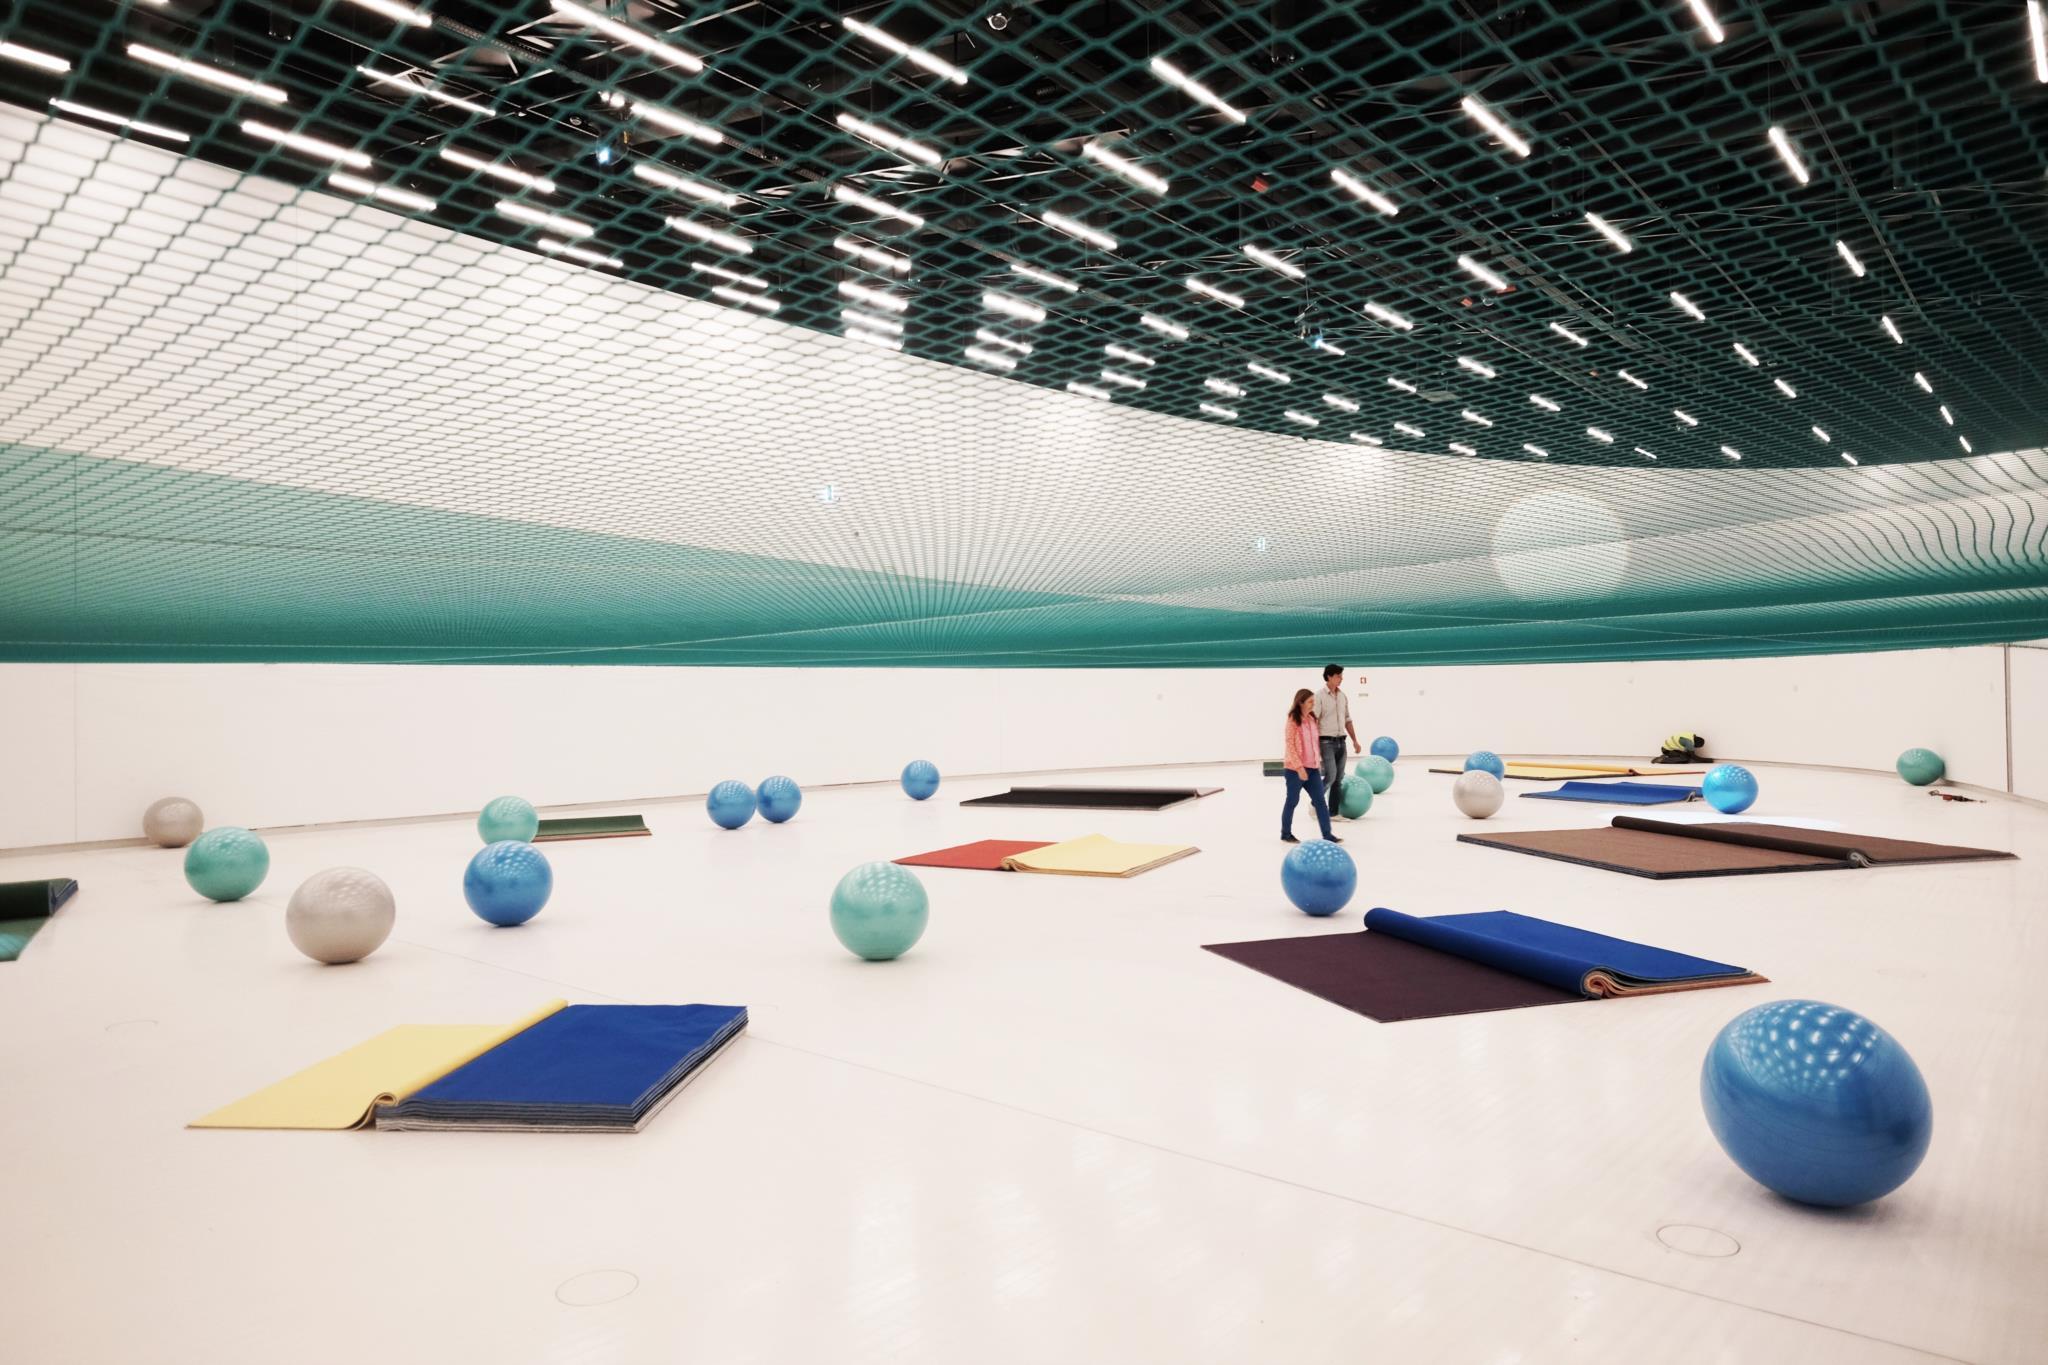 Os artistas vão construir obras pensadas especificamente para o espaço do novo museu